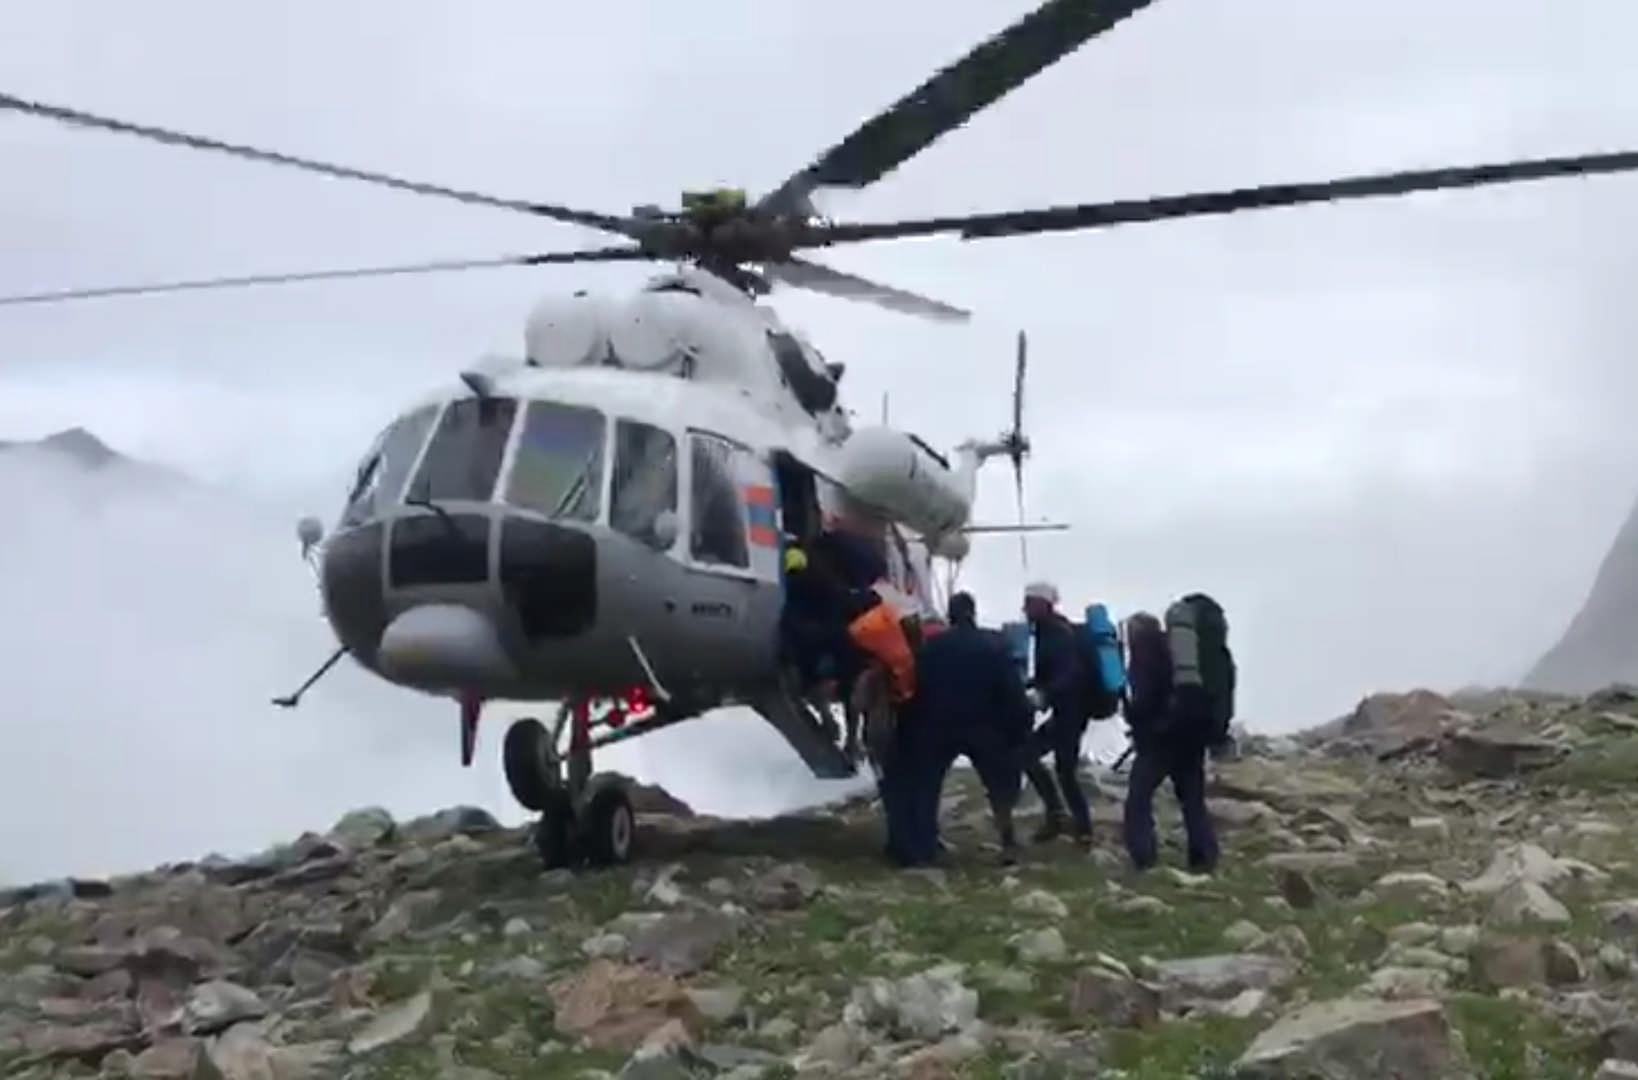 Вертолет МЧС России доставил на равнину тело погибшего в горах фотографа Валерия Сабанова